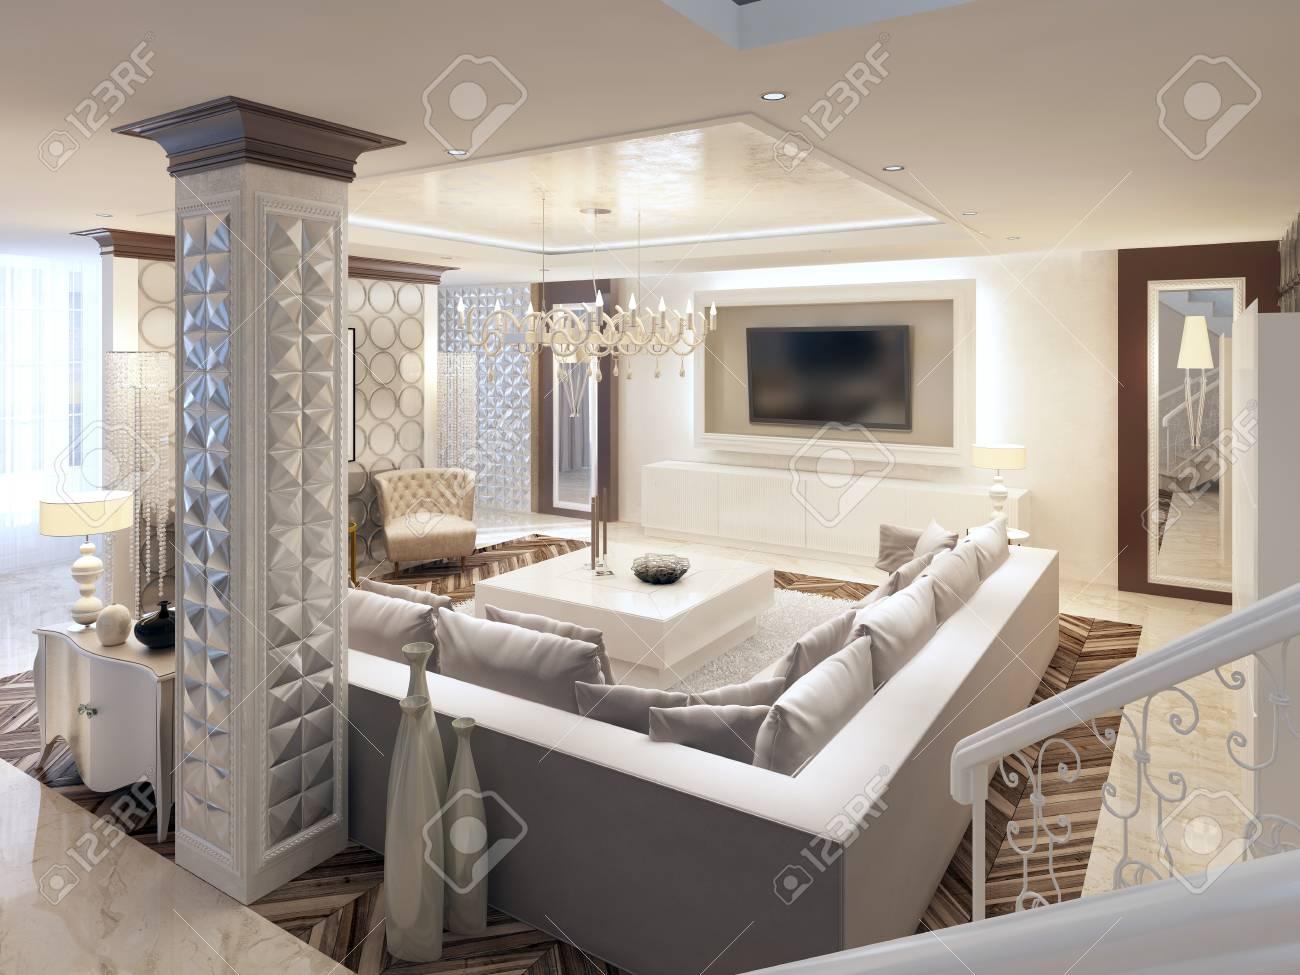 design art deco de luxe salon lumineux avec grand canape d angle et deux fauteuils conception 3d